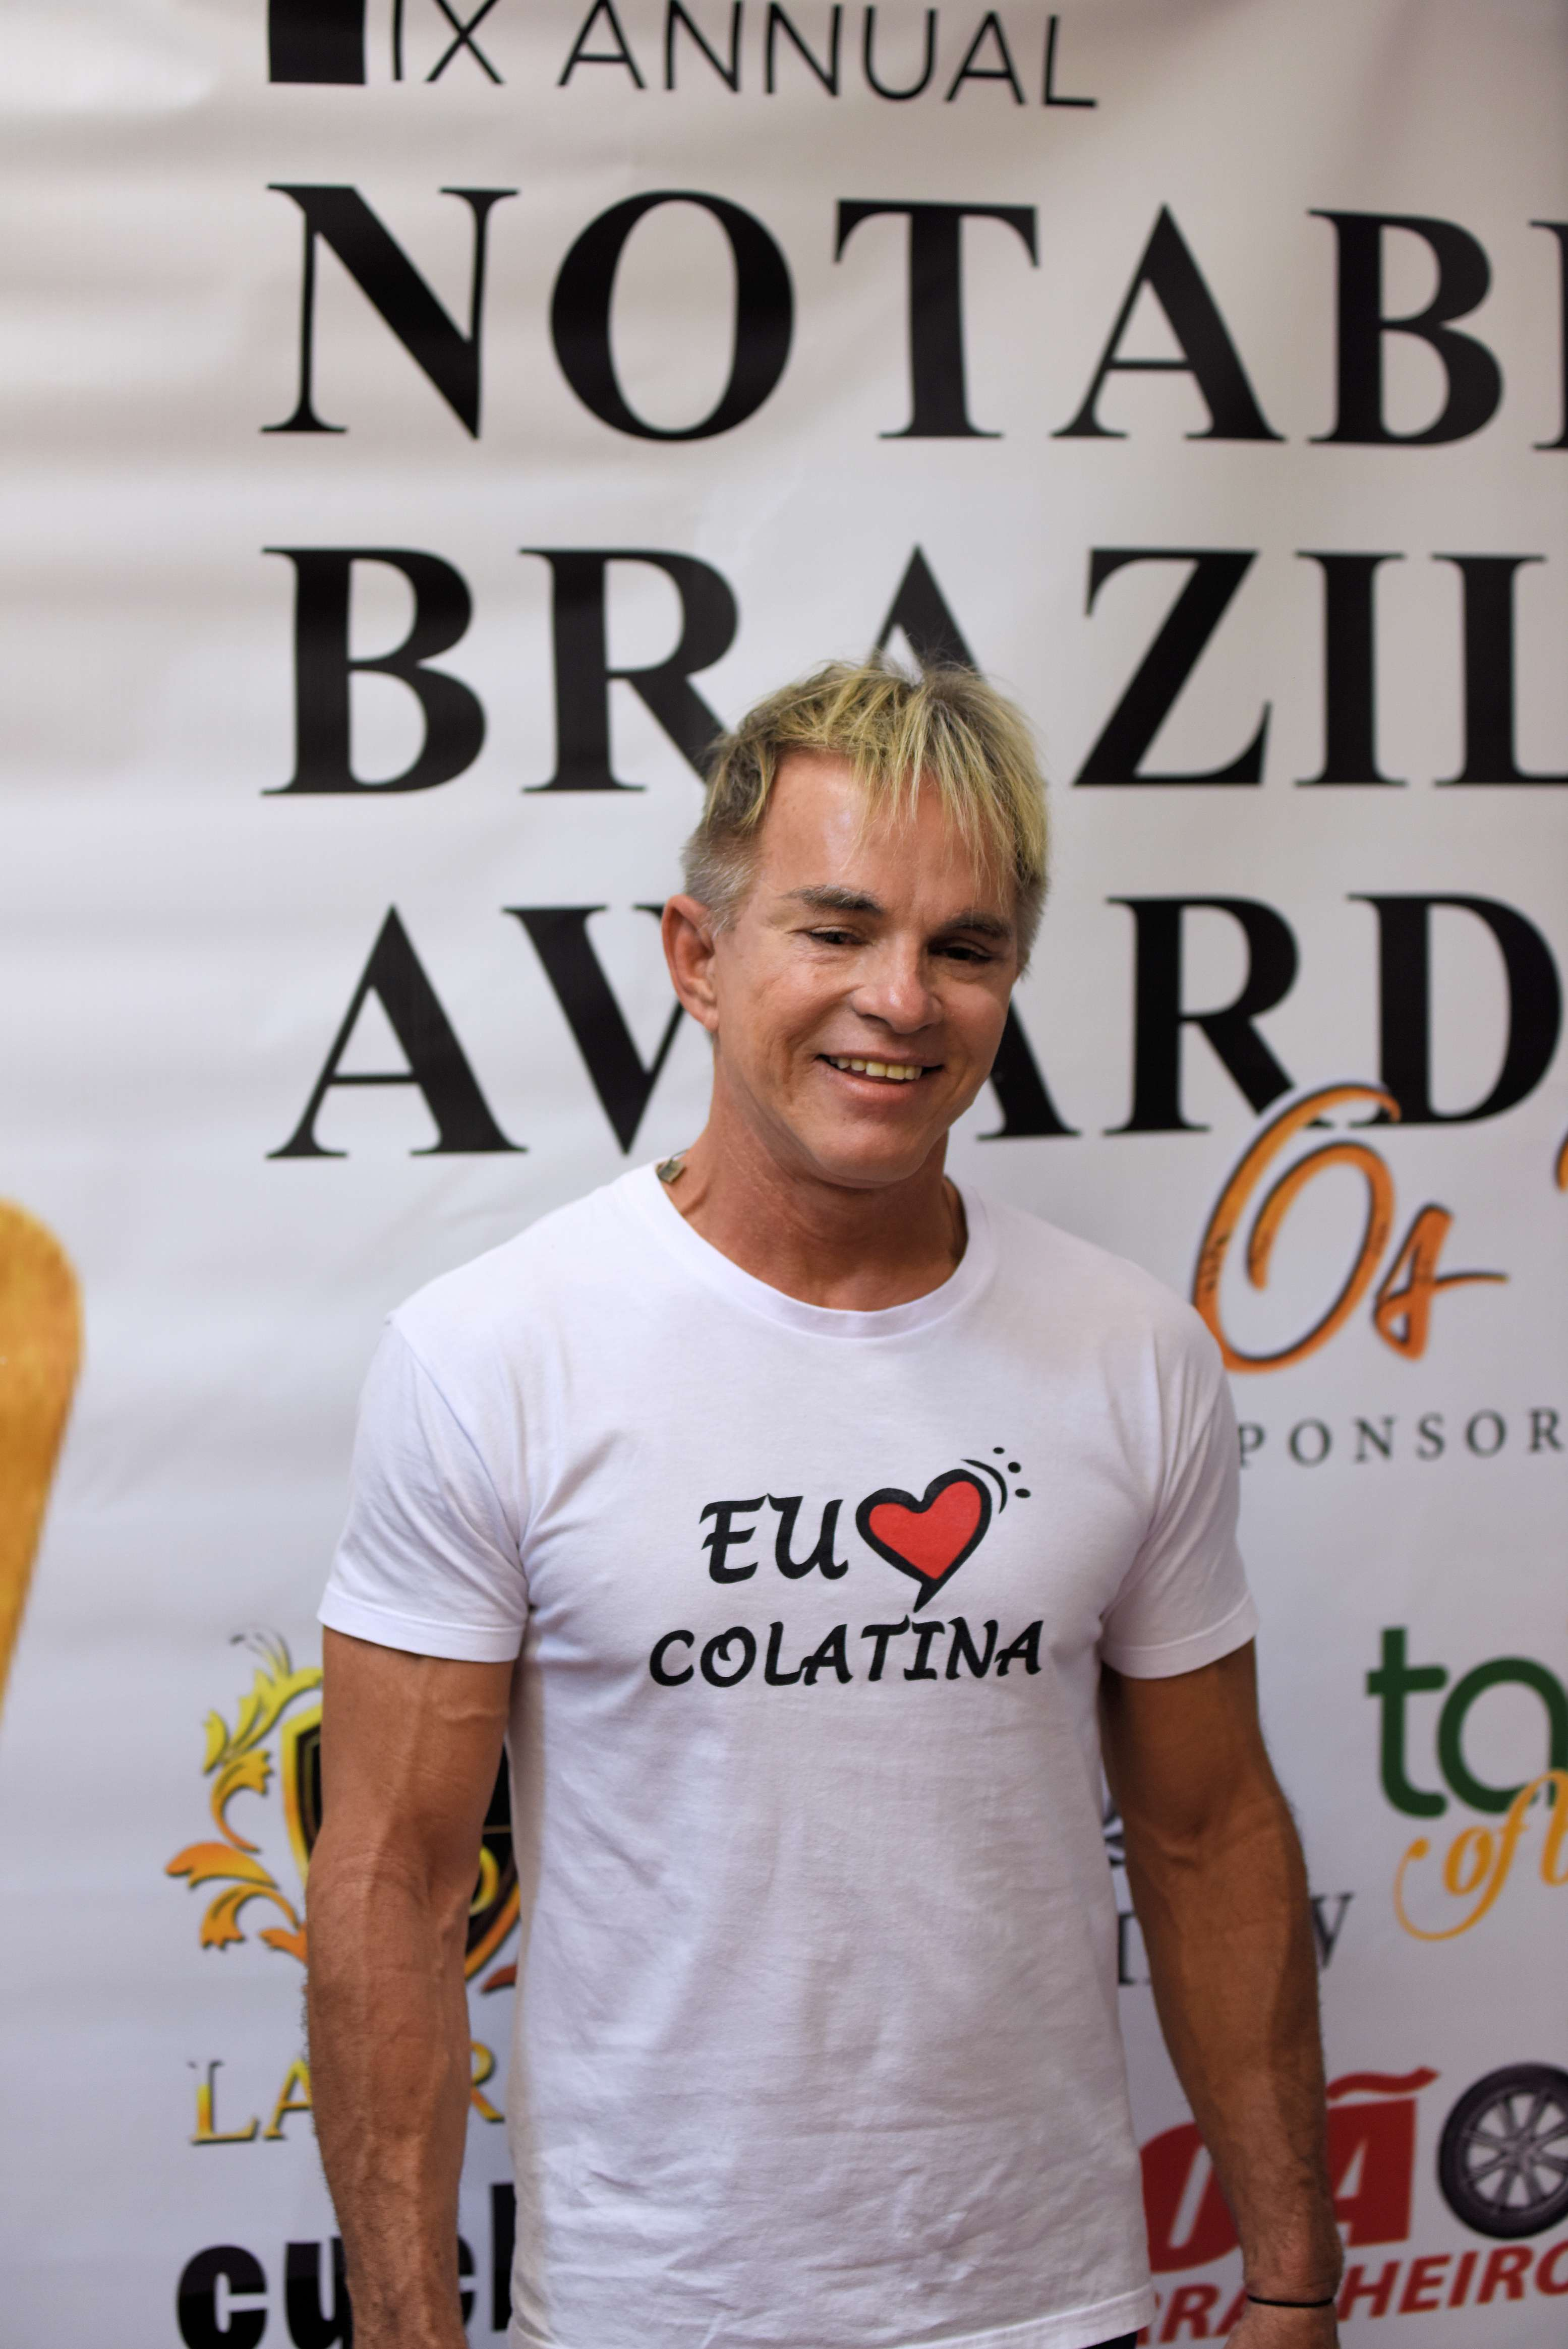 IX Notable Brazilian Awards  na cidade de NY